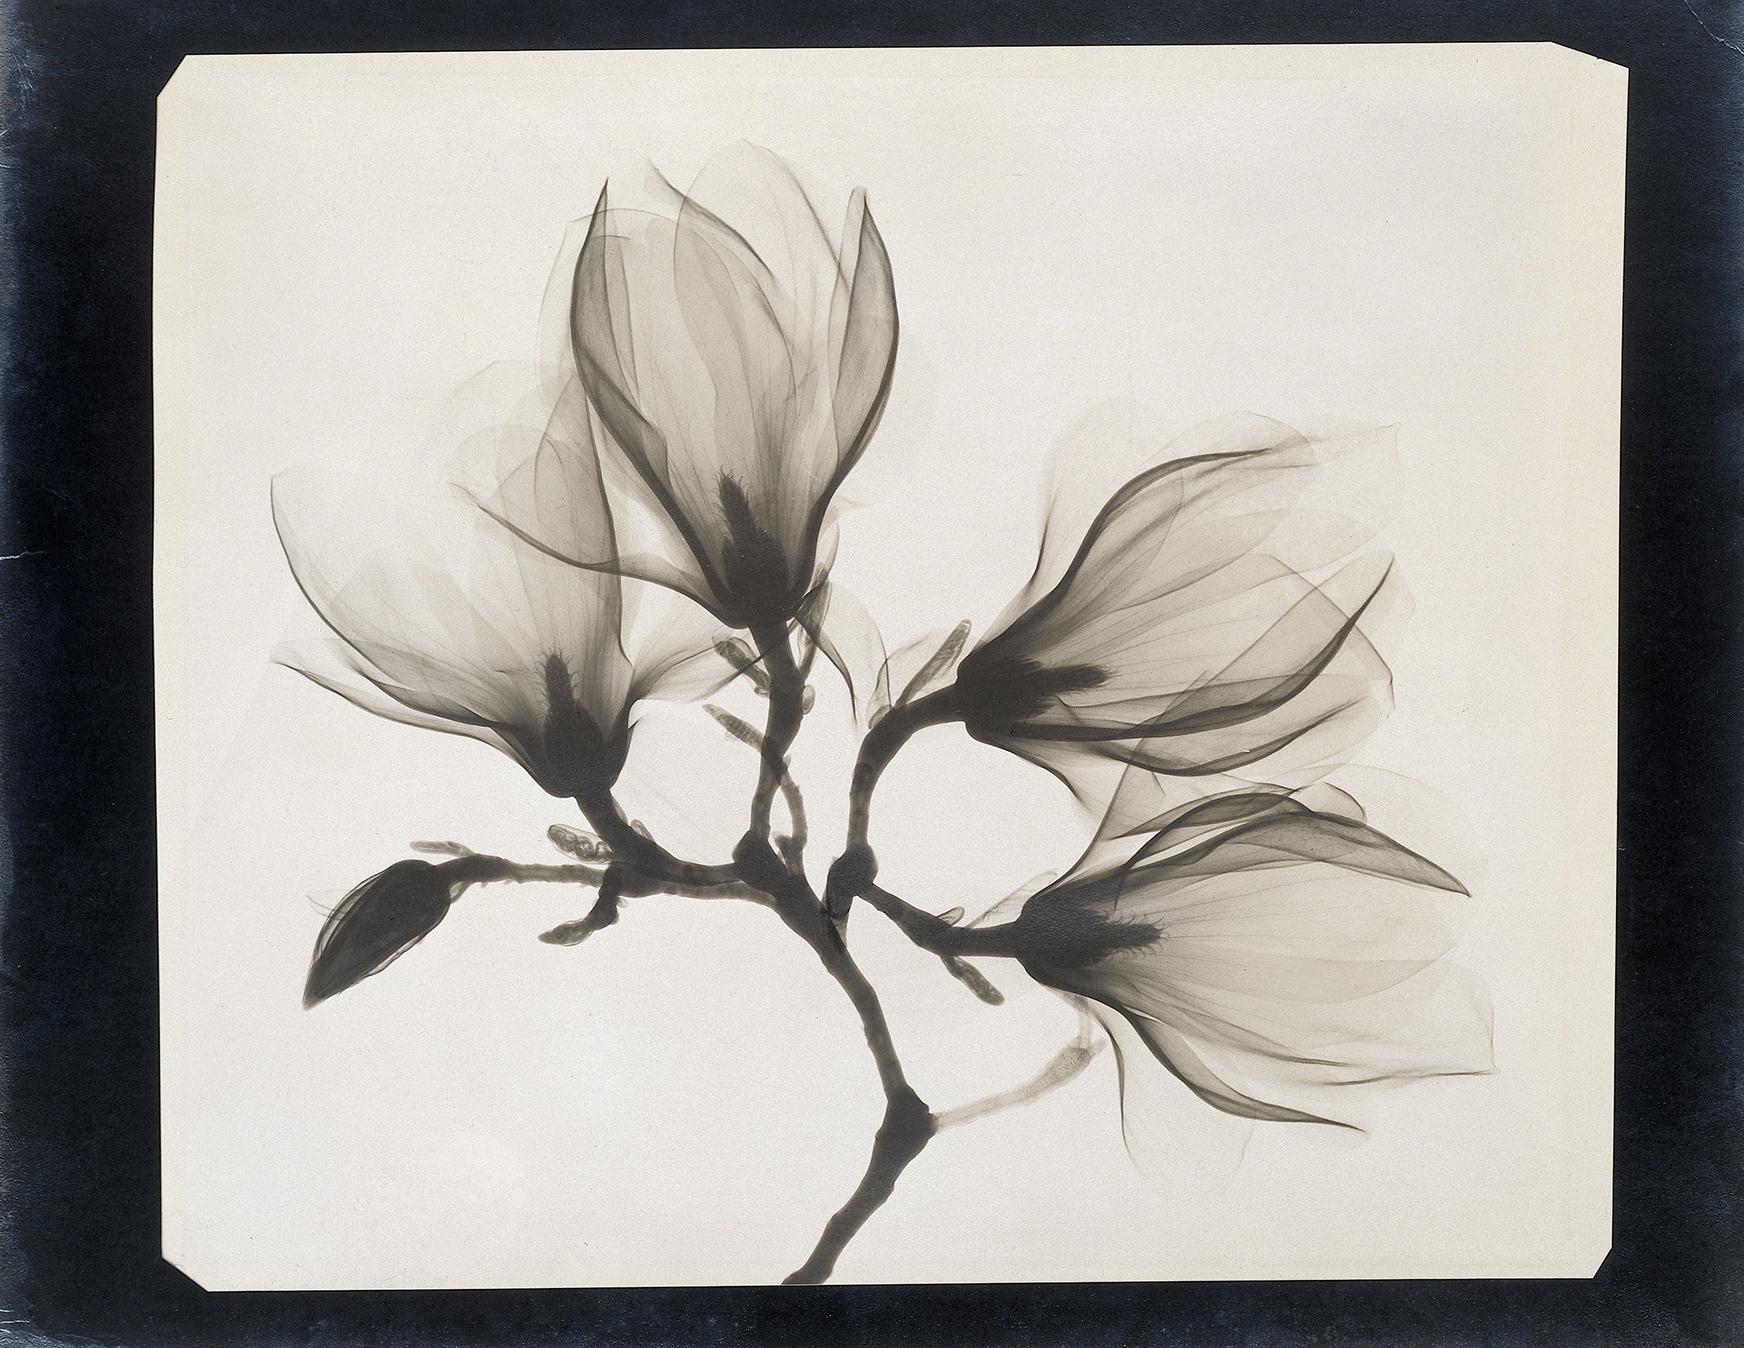 Anoniem, Tak met 4 magnolia's. 1910-1925. Röntgenfoto. Rijksmuseum Amsterdam